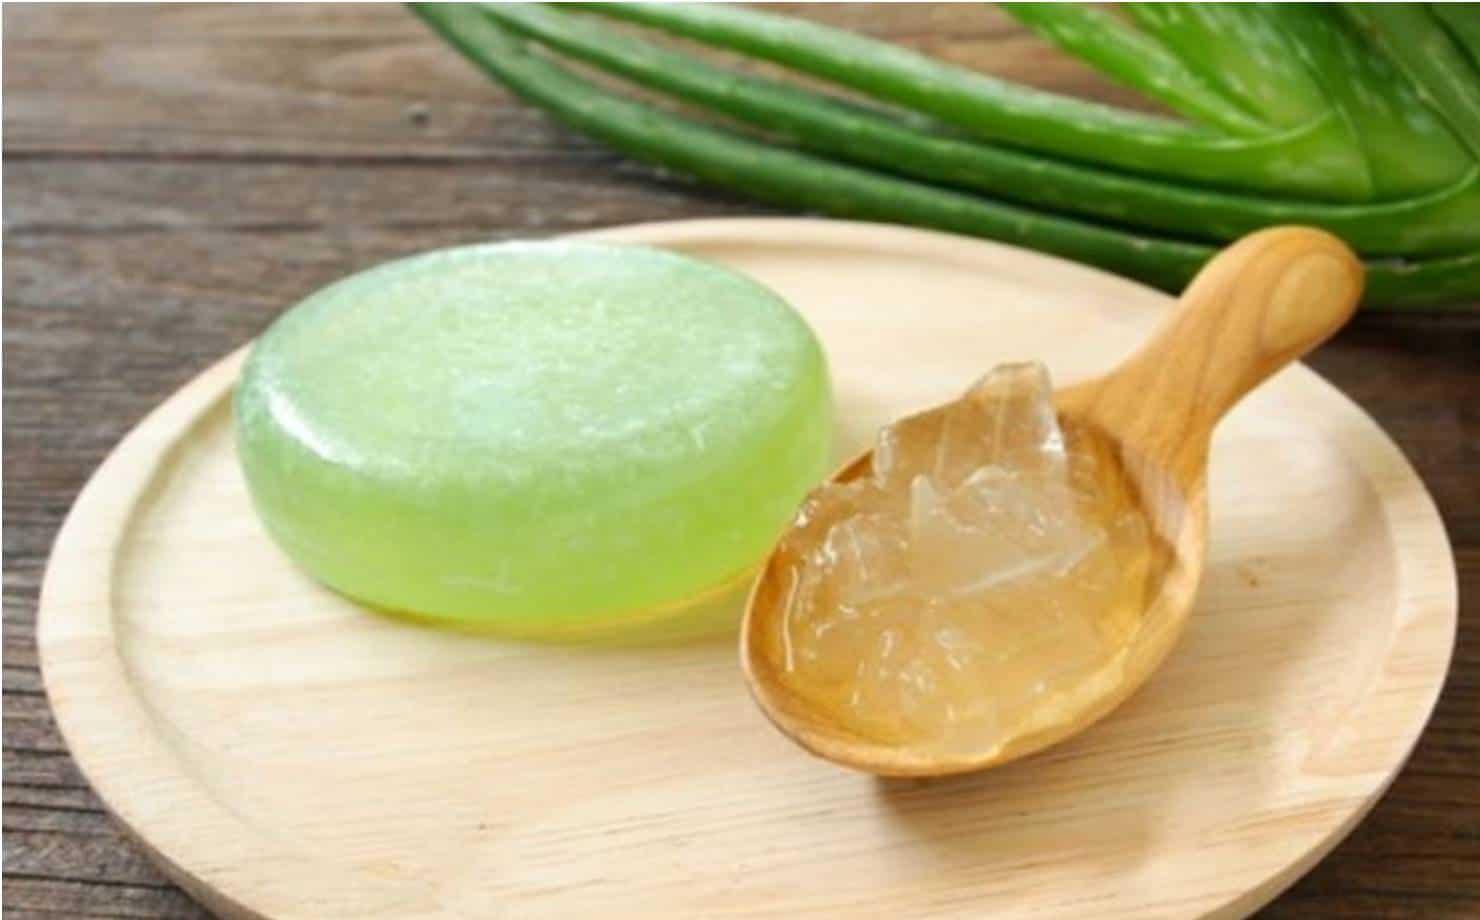 Como fazer sabonete caseiro de aloe vera para uma pele bem cuidada